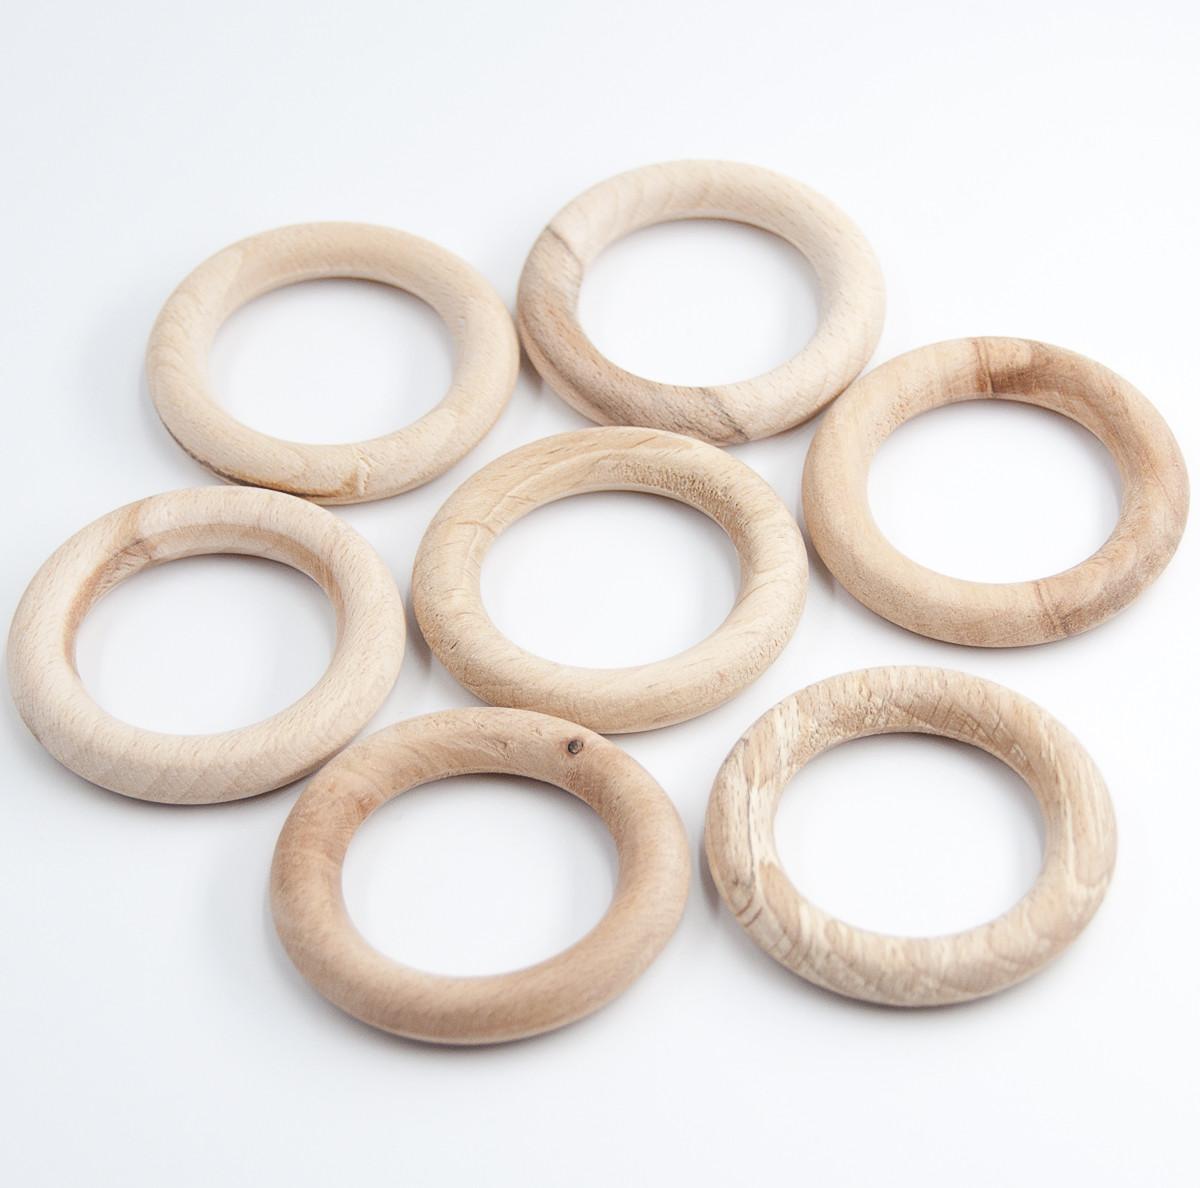 Деревянные кольца 55/9 мм ПОД ОБВЯЗКУ для слингобус и грызунков